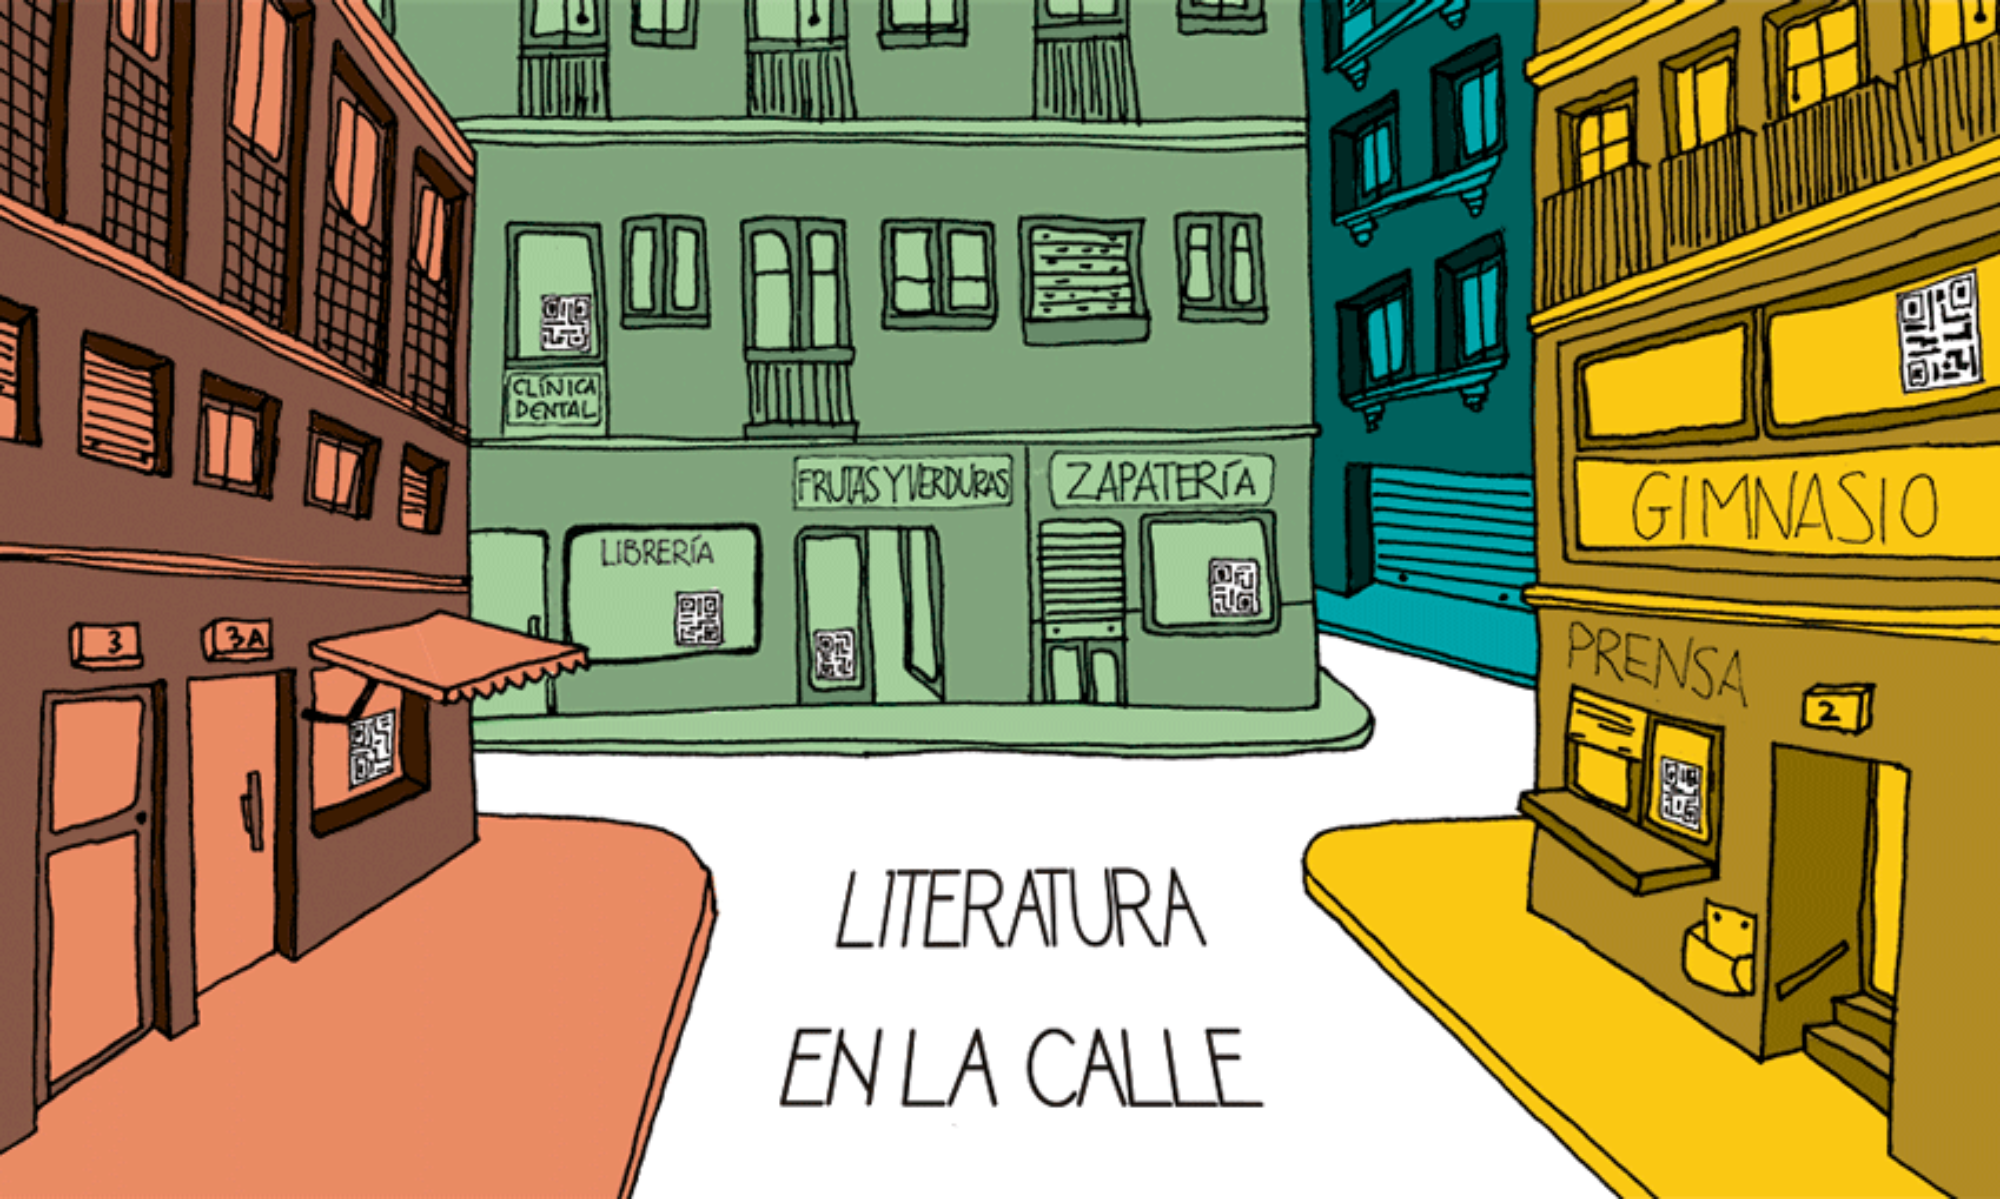 Literatura en la calle